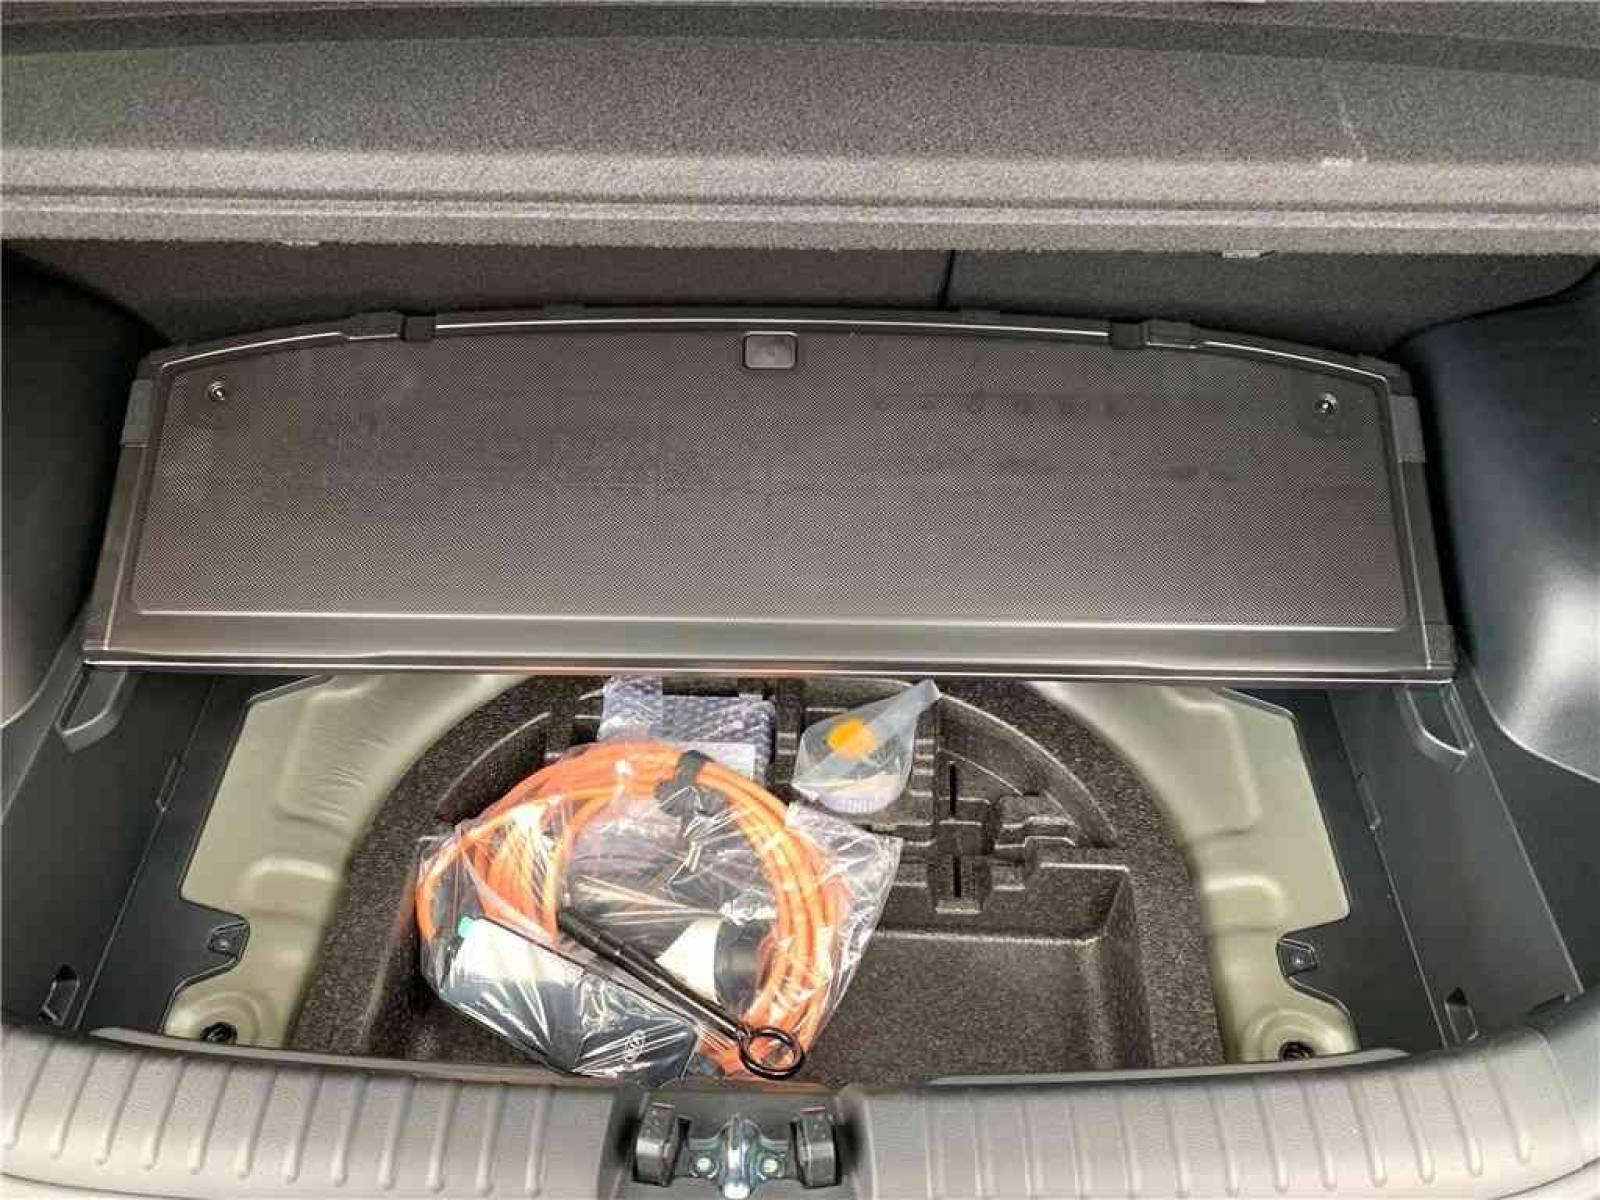 KIA e-Soul Electrique 204 ch - véhicule d'occasion - Groupe Guillet - Hall de l'automobile - Montceau les Mines - 71300 - Montceau-les-Mines - 9